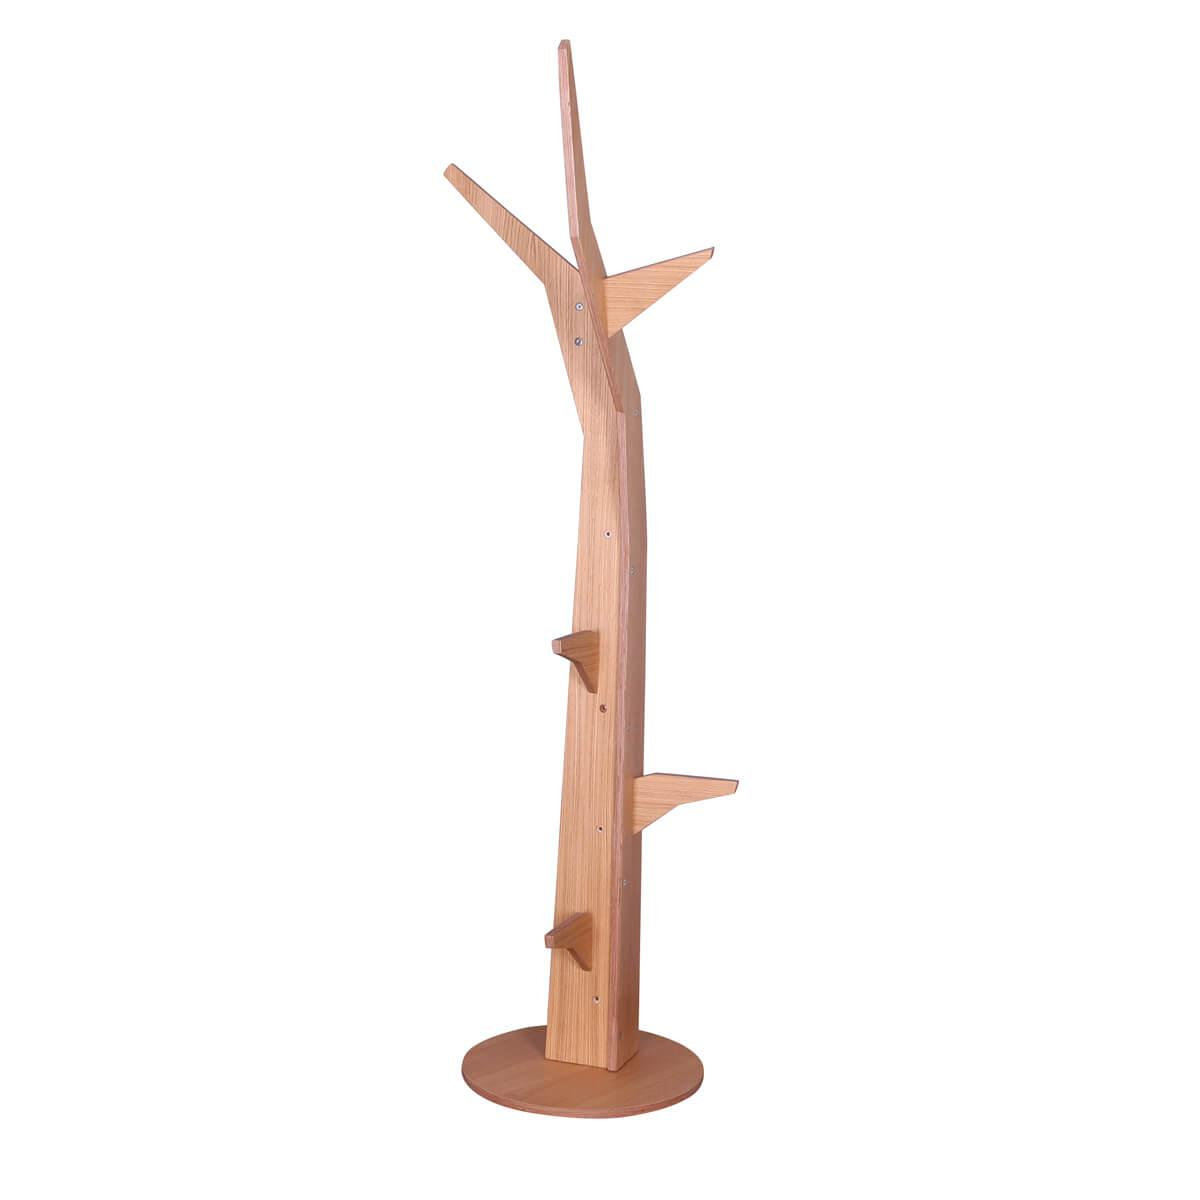 Baum freistehend-Bodenplatte KASVA Debreuyn Multiplex furniert Eiche-geölt